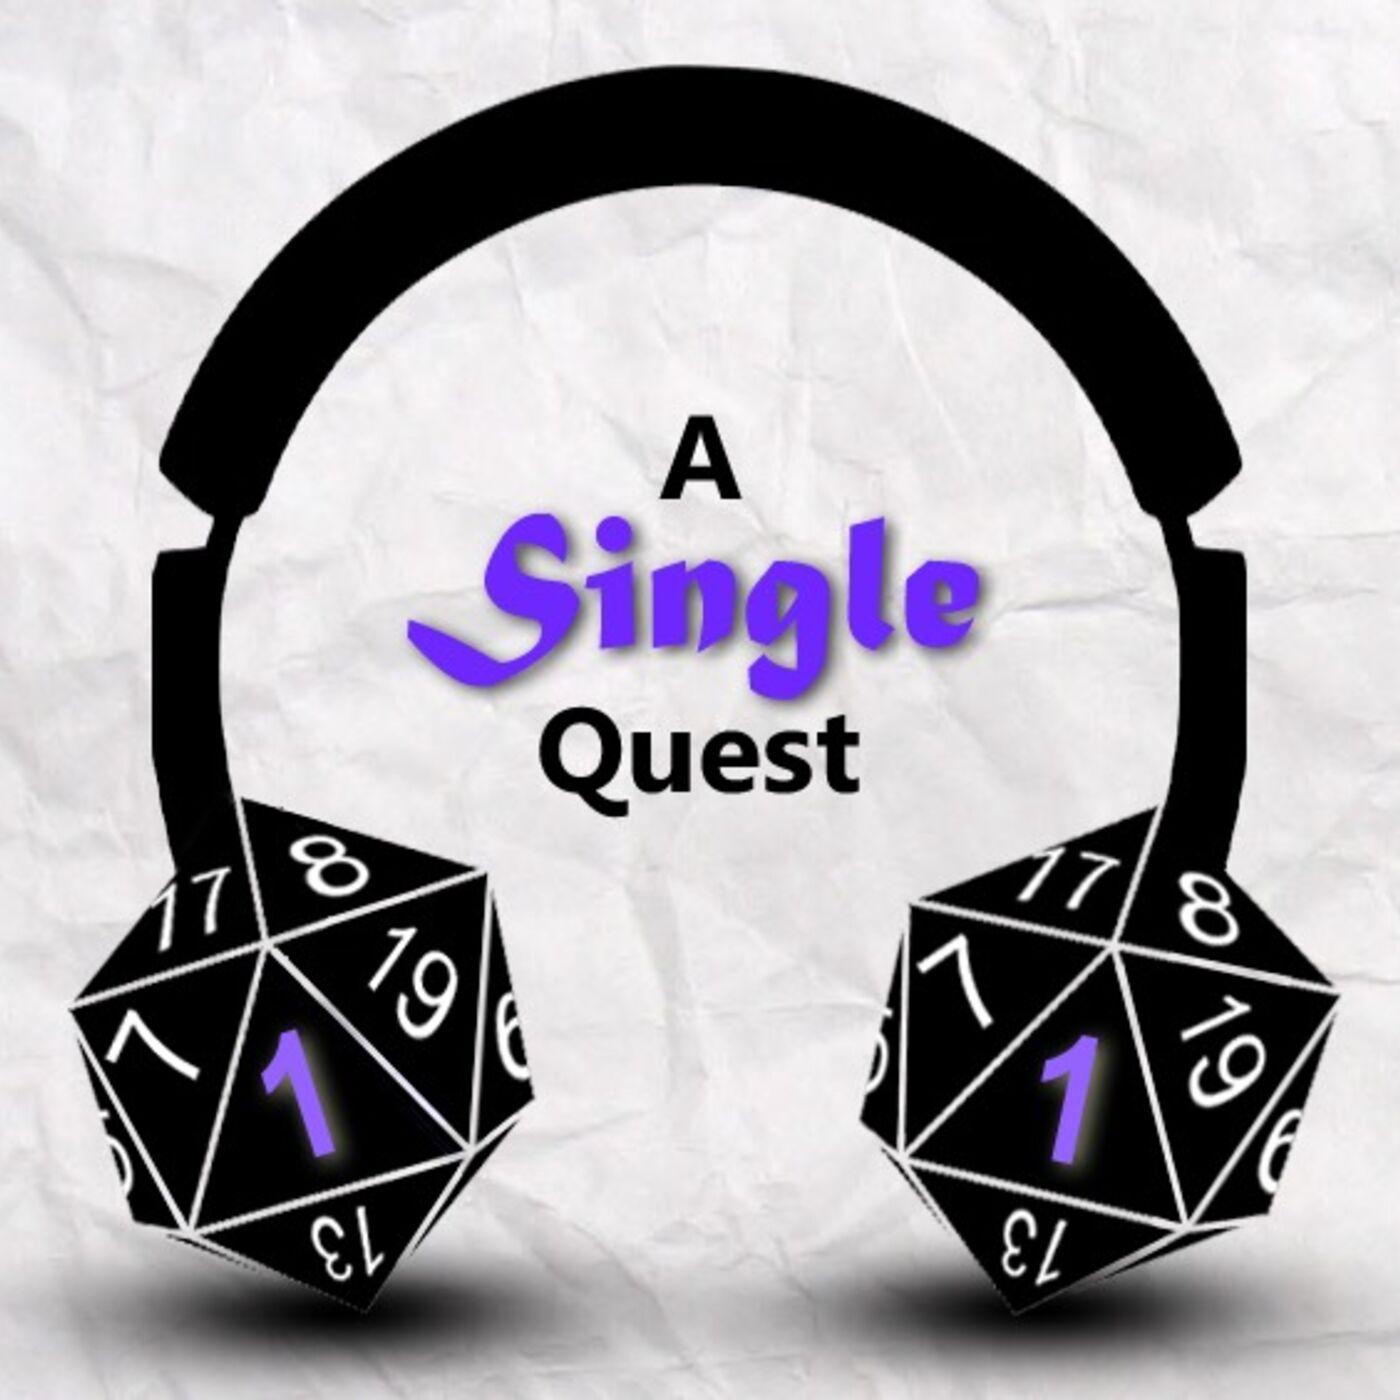 A Single Quest